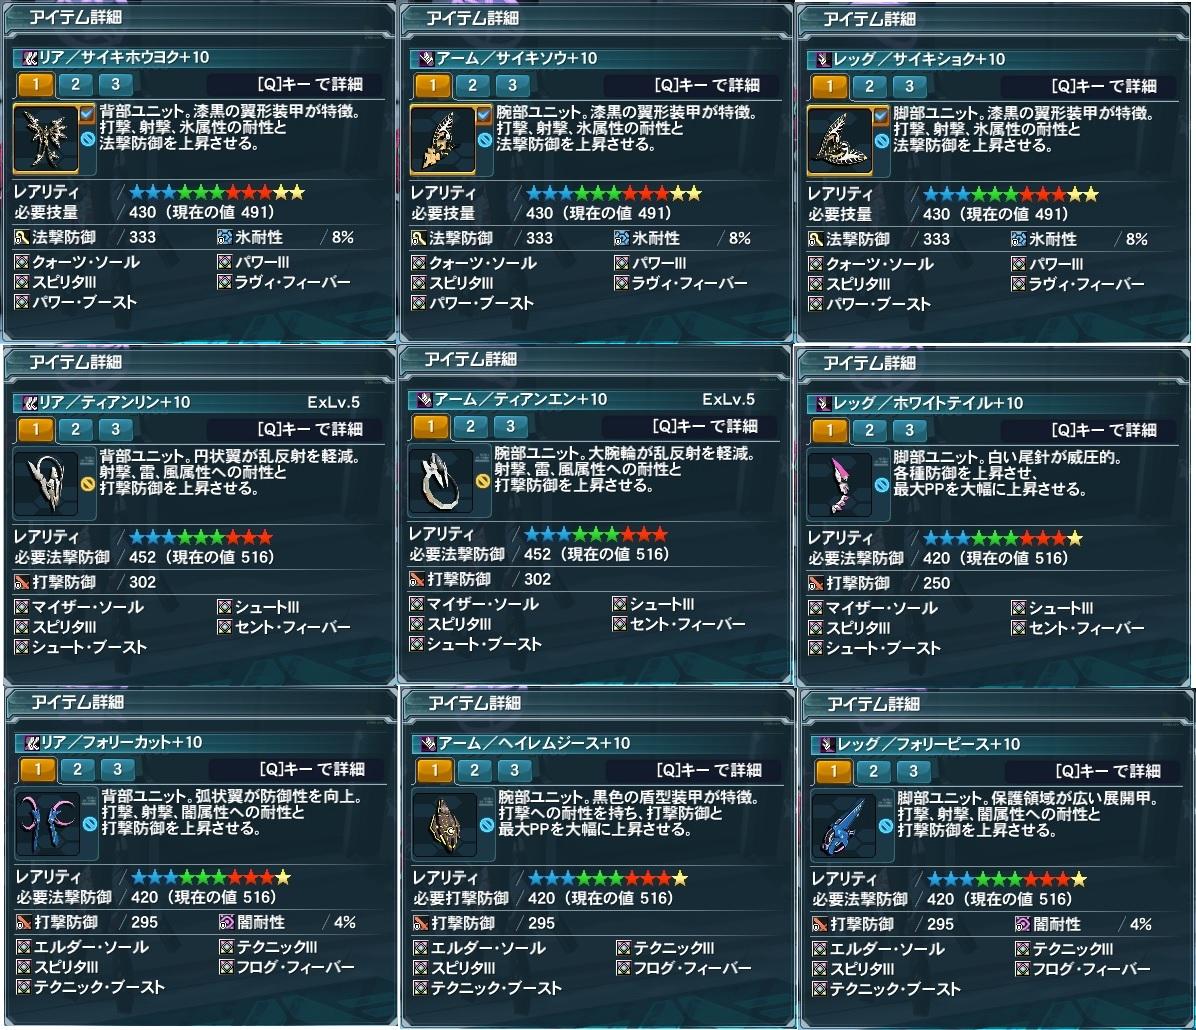 5sユニット_001